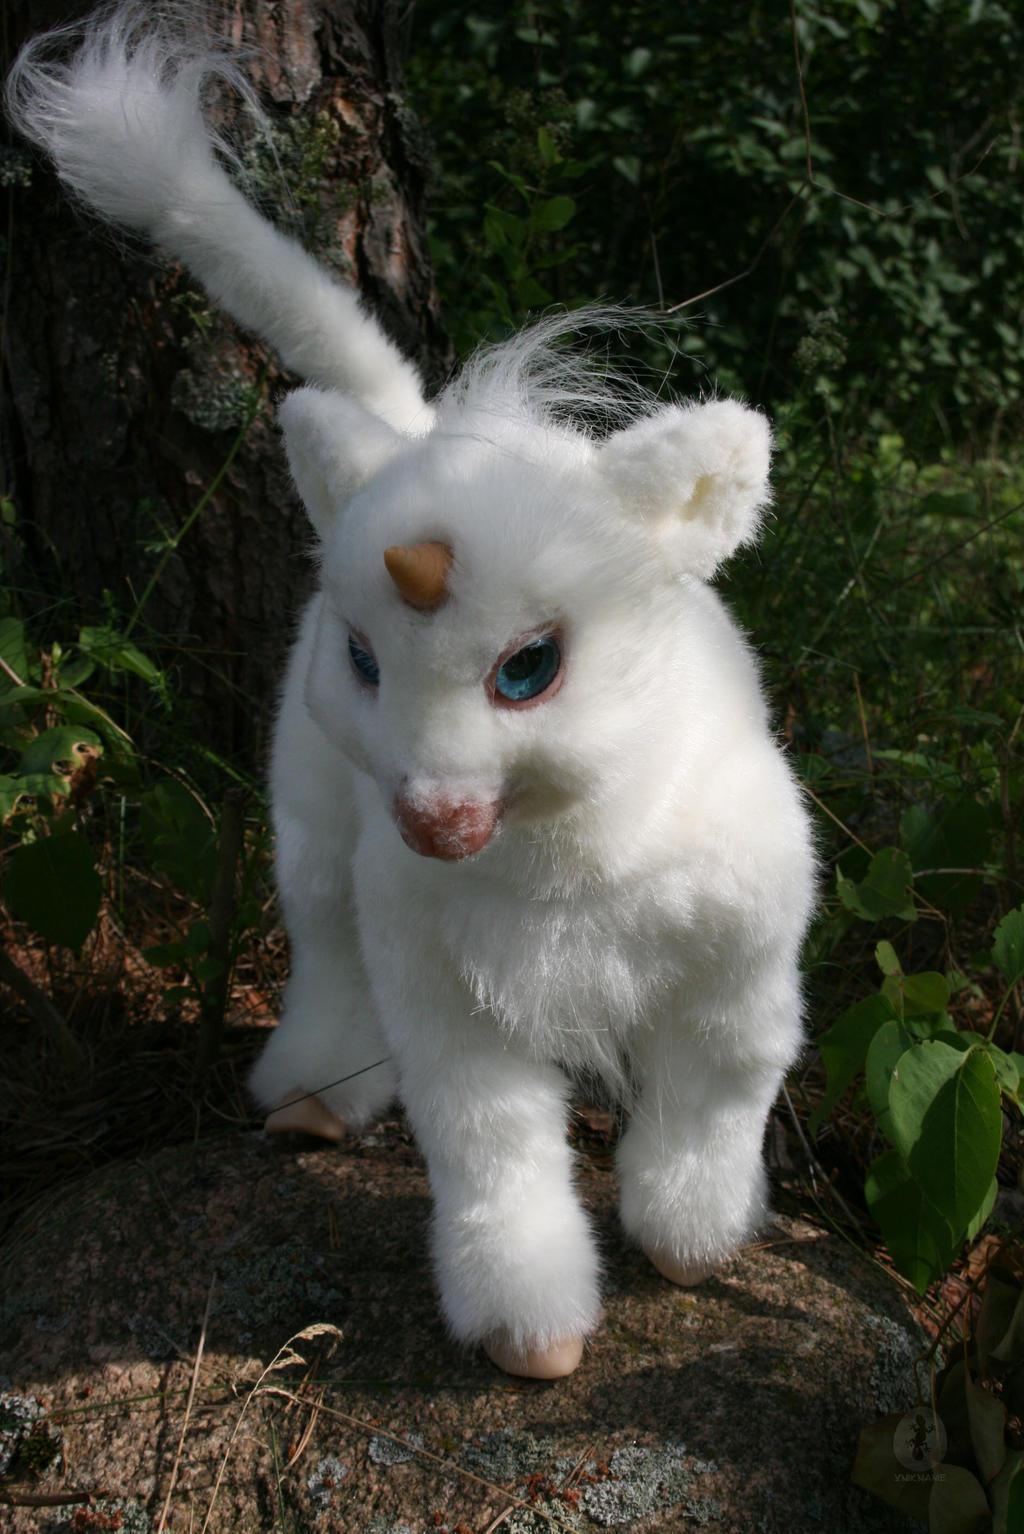 little unicorn by ynik name on deviantart